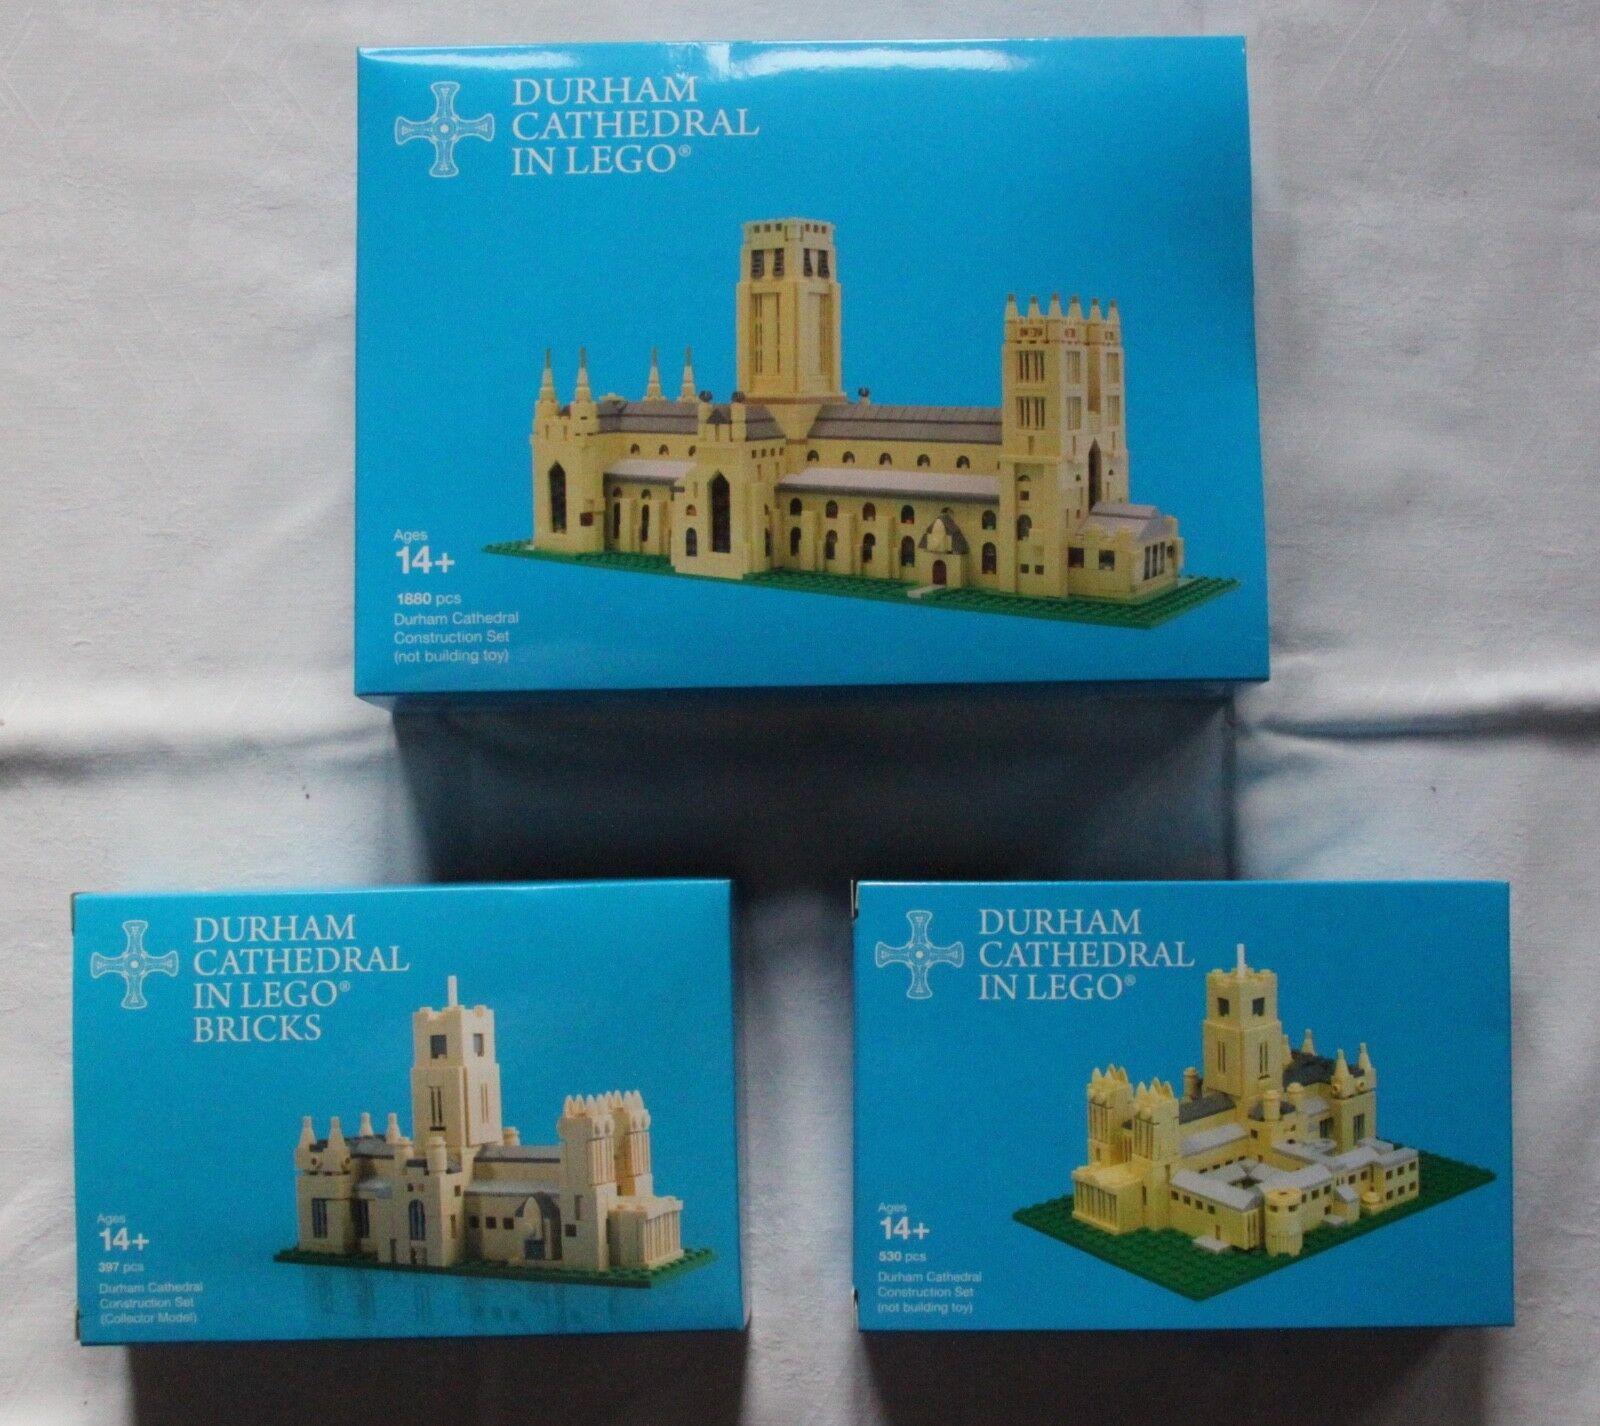 Célébrez Noël et bienvenue bienvenue bienvenue au Nouvel An Durnham Cathedral en lego 3 ateur Certified Professional Limited Edition 96d064